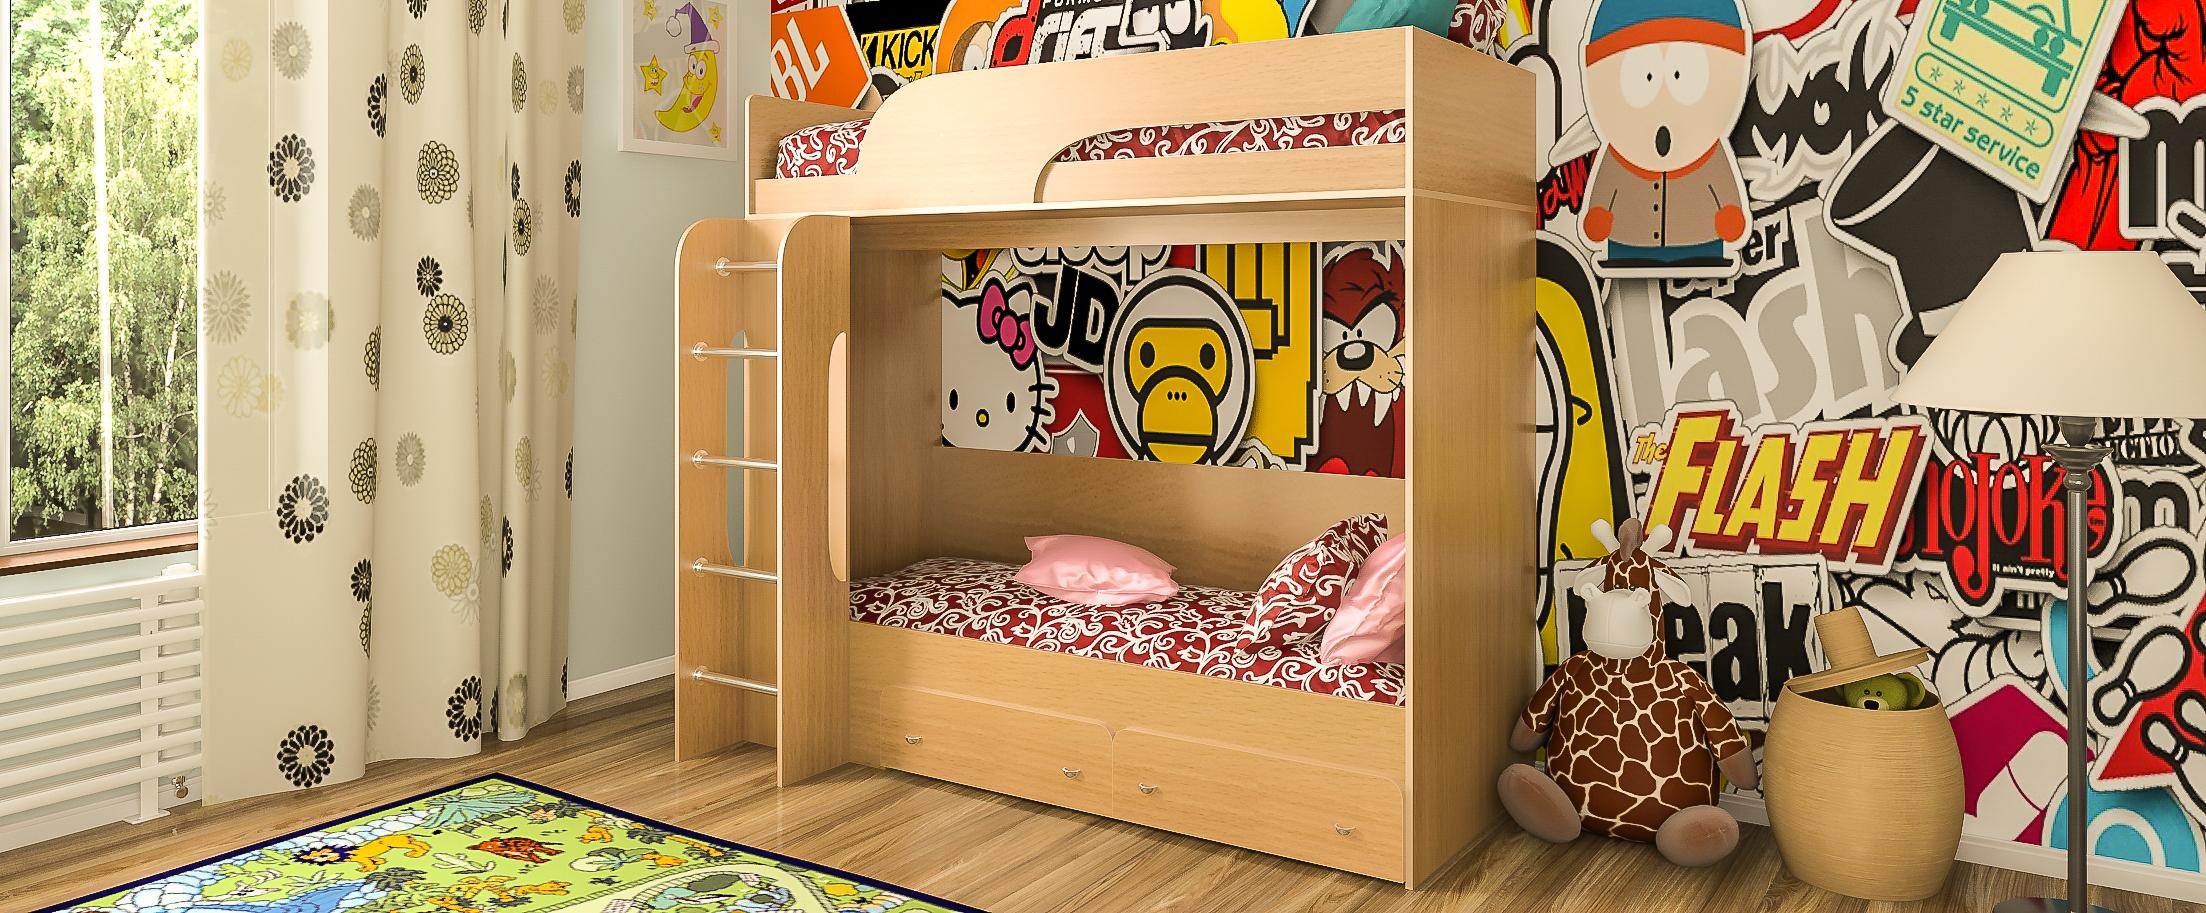 Кровать односпальная Катюша-1 Модель 505 от MOON TRADE